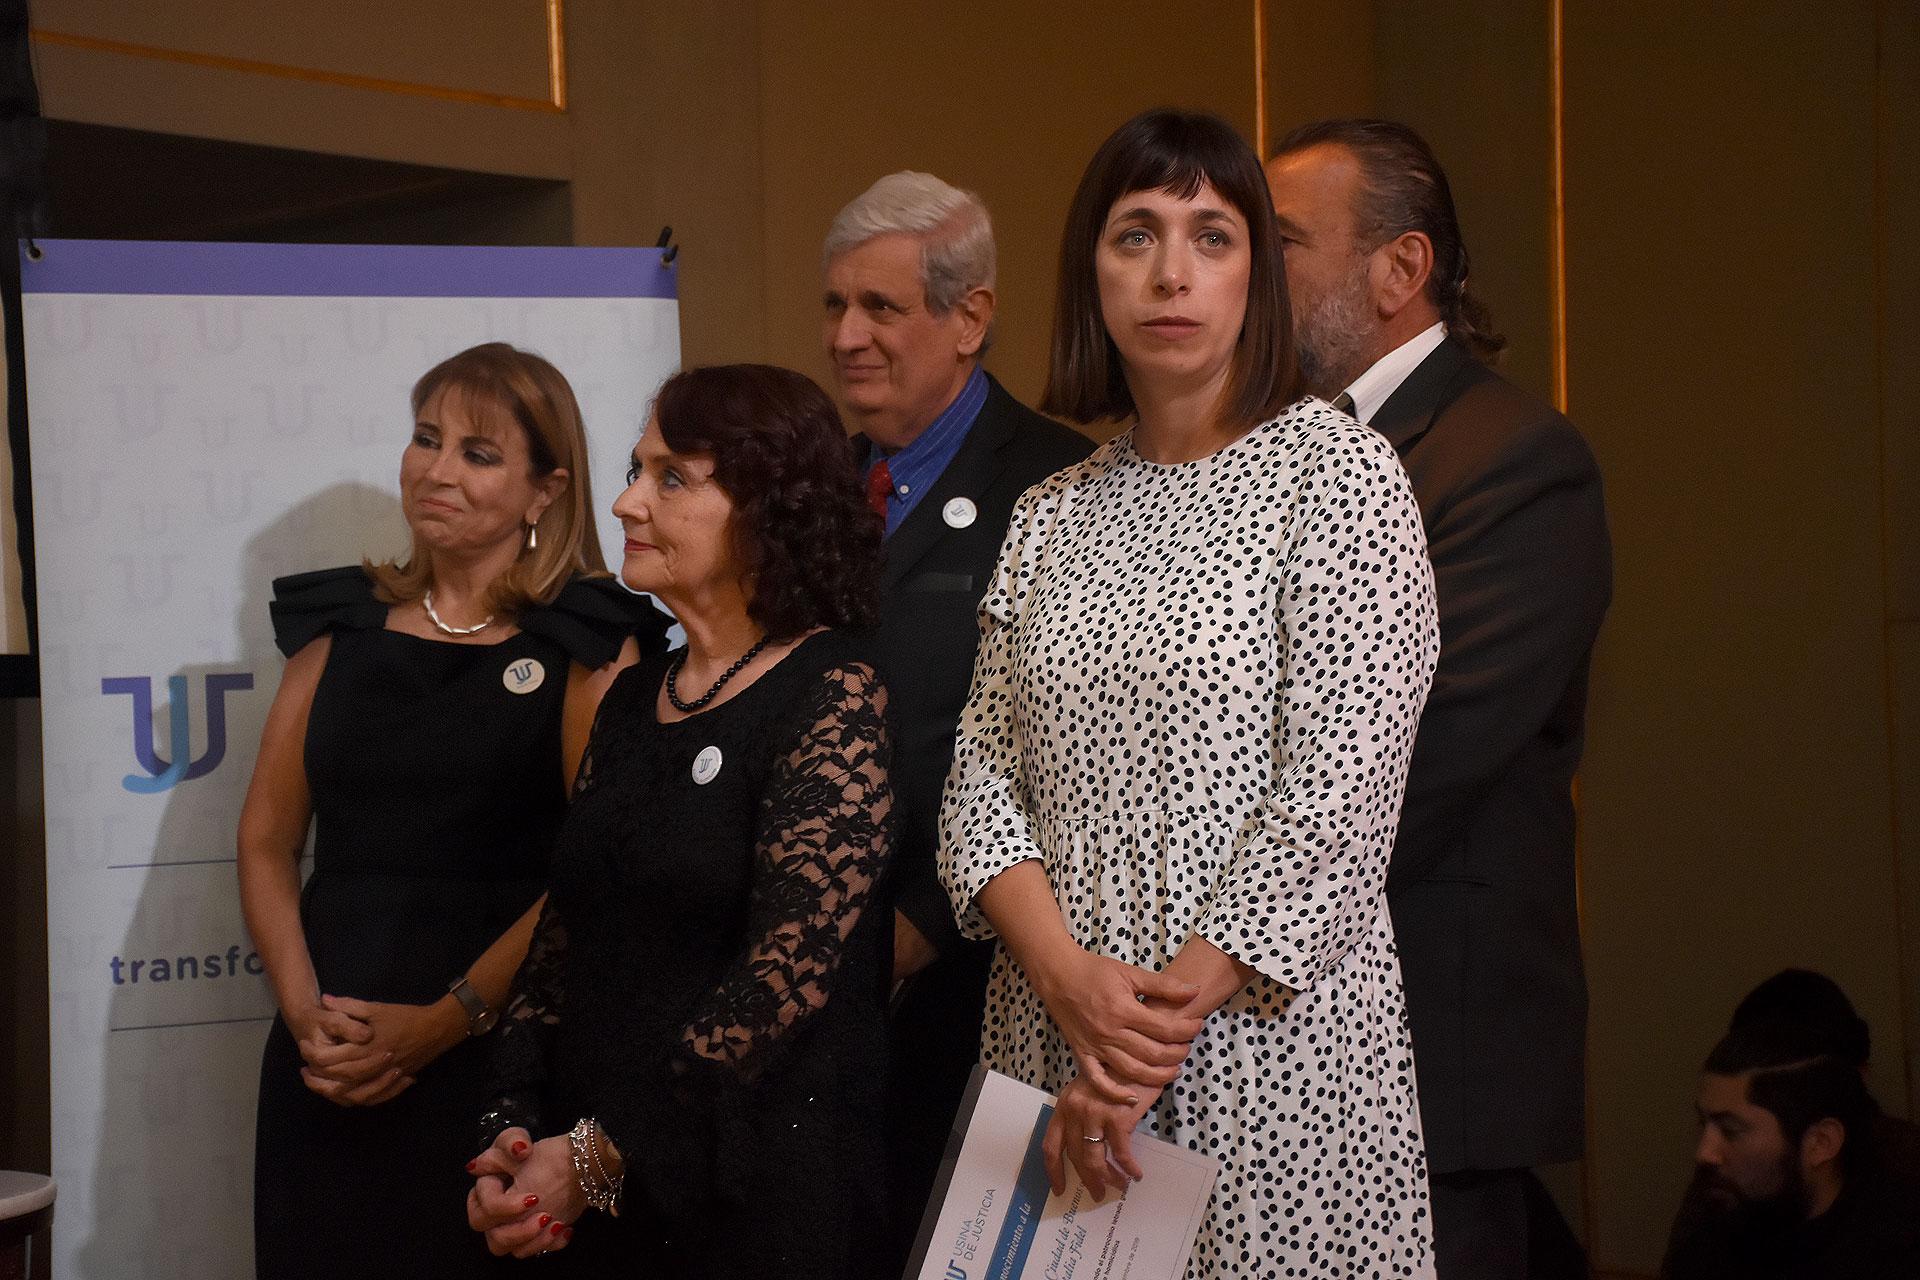 La diputada Natalia Fidel fue reconocida por un proyecto de ley que auspicia el patrocinio jurídico gratuito para víctimas